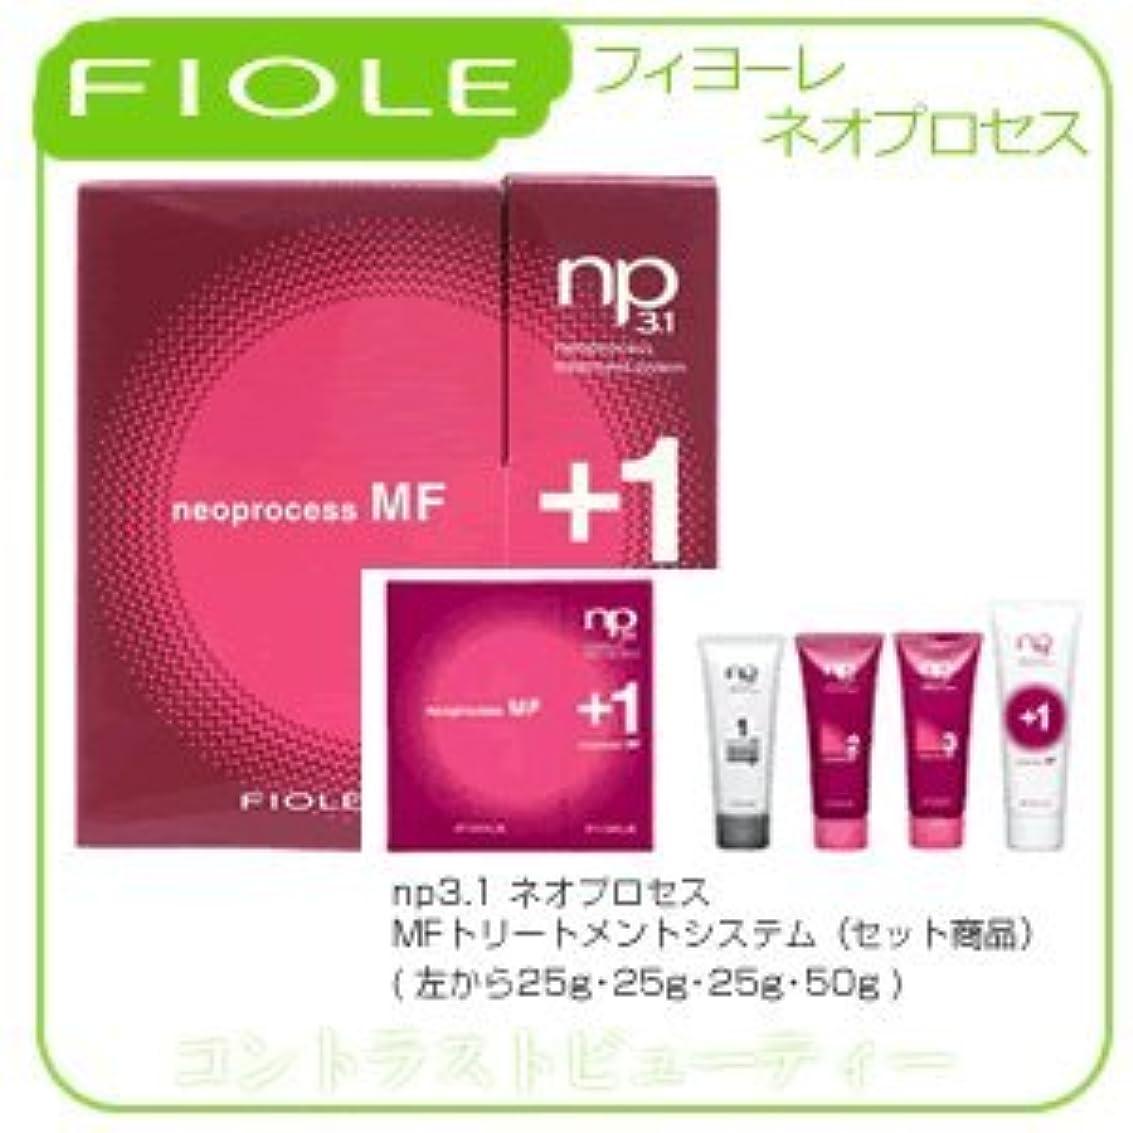 期待するシーン発送フィヨーレ NP3.1 ネオプロセス MF トリートメントシステム FIOLE ネオプロセス